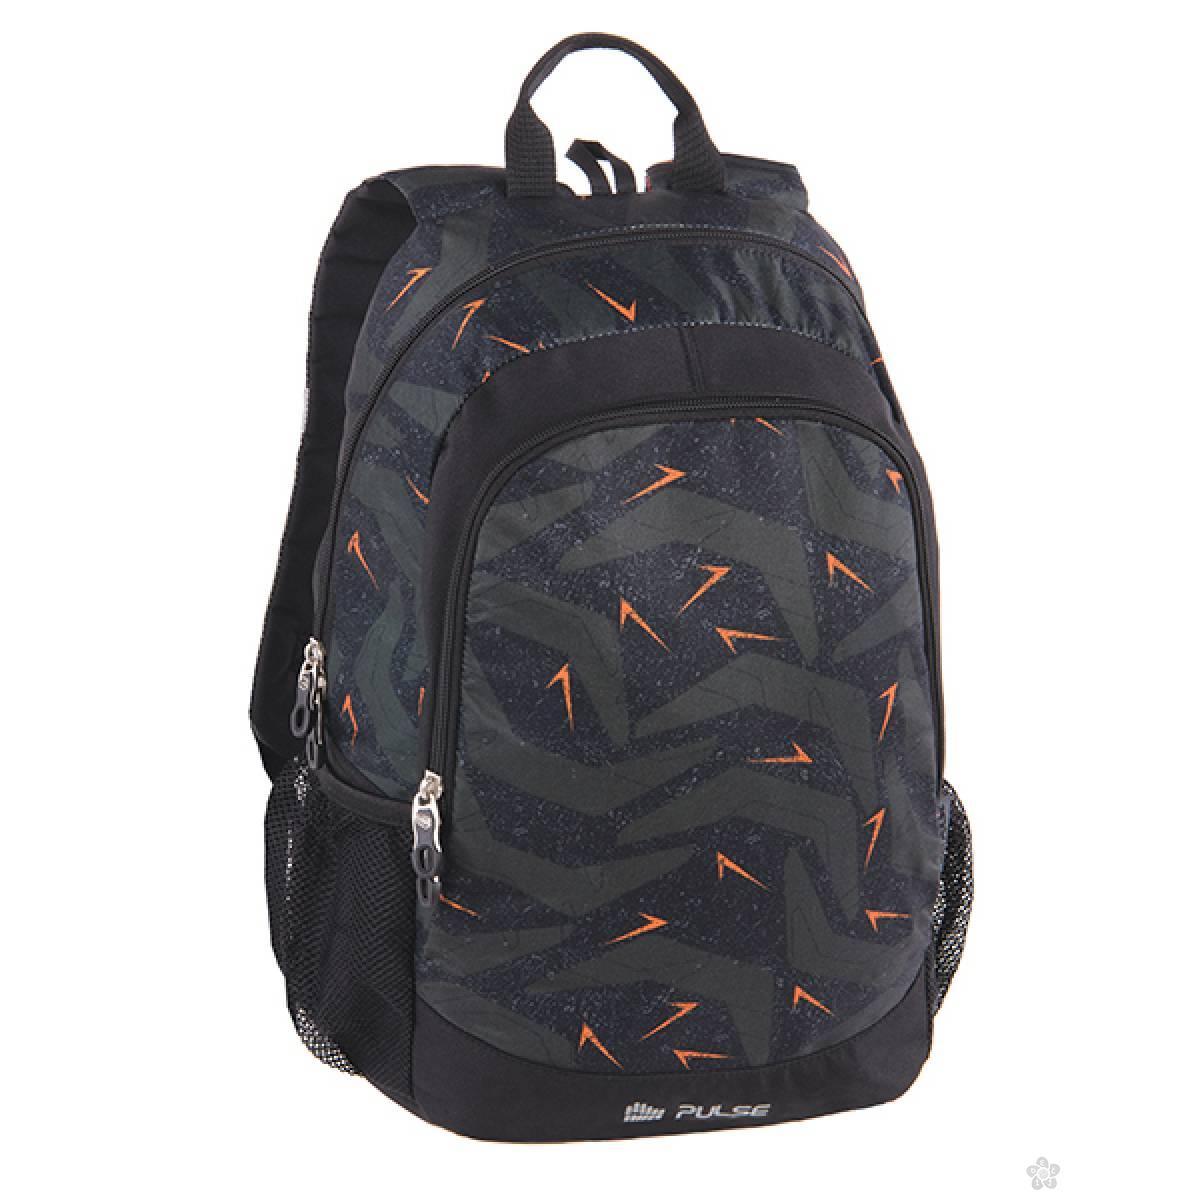 Ranac Cots Orange Arrow 121821